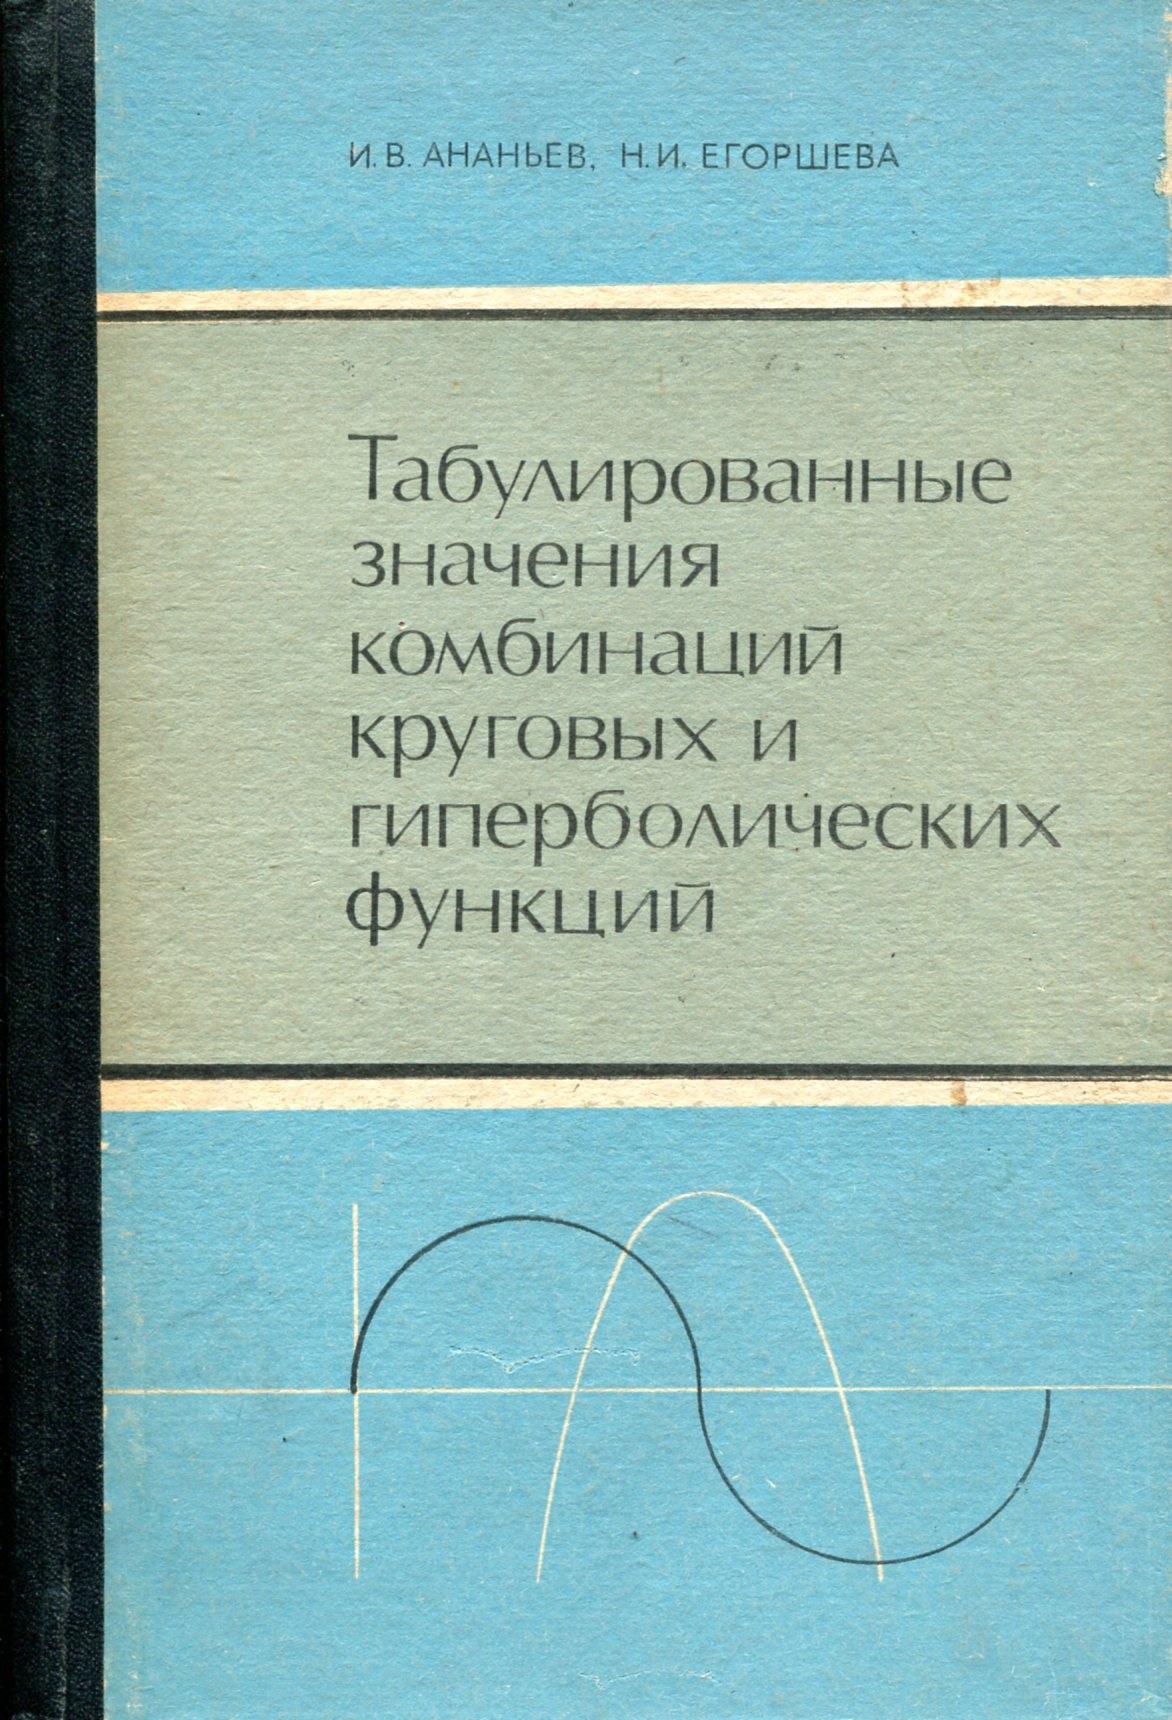 И.В. Ананьев, Н.И. Егоршева Табулированные значения комбинаций круговых и гиперболических функций